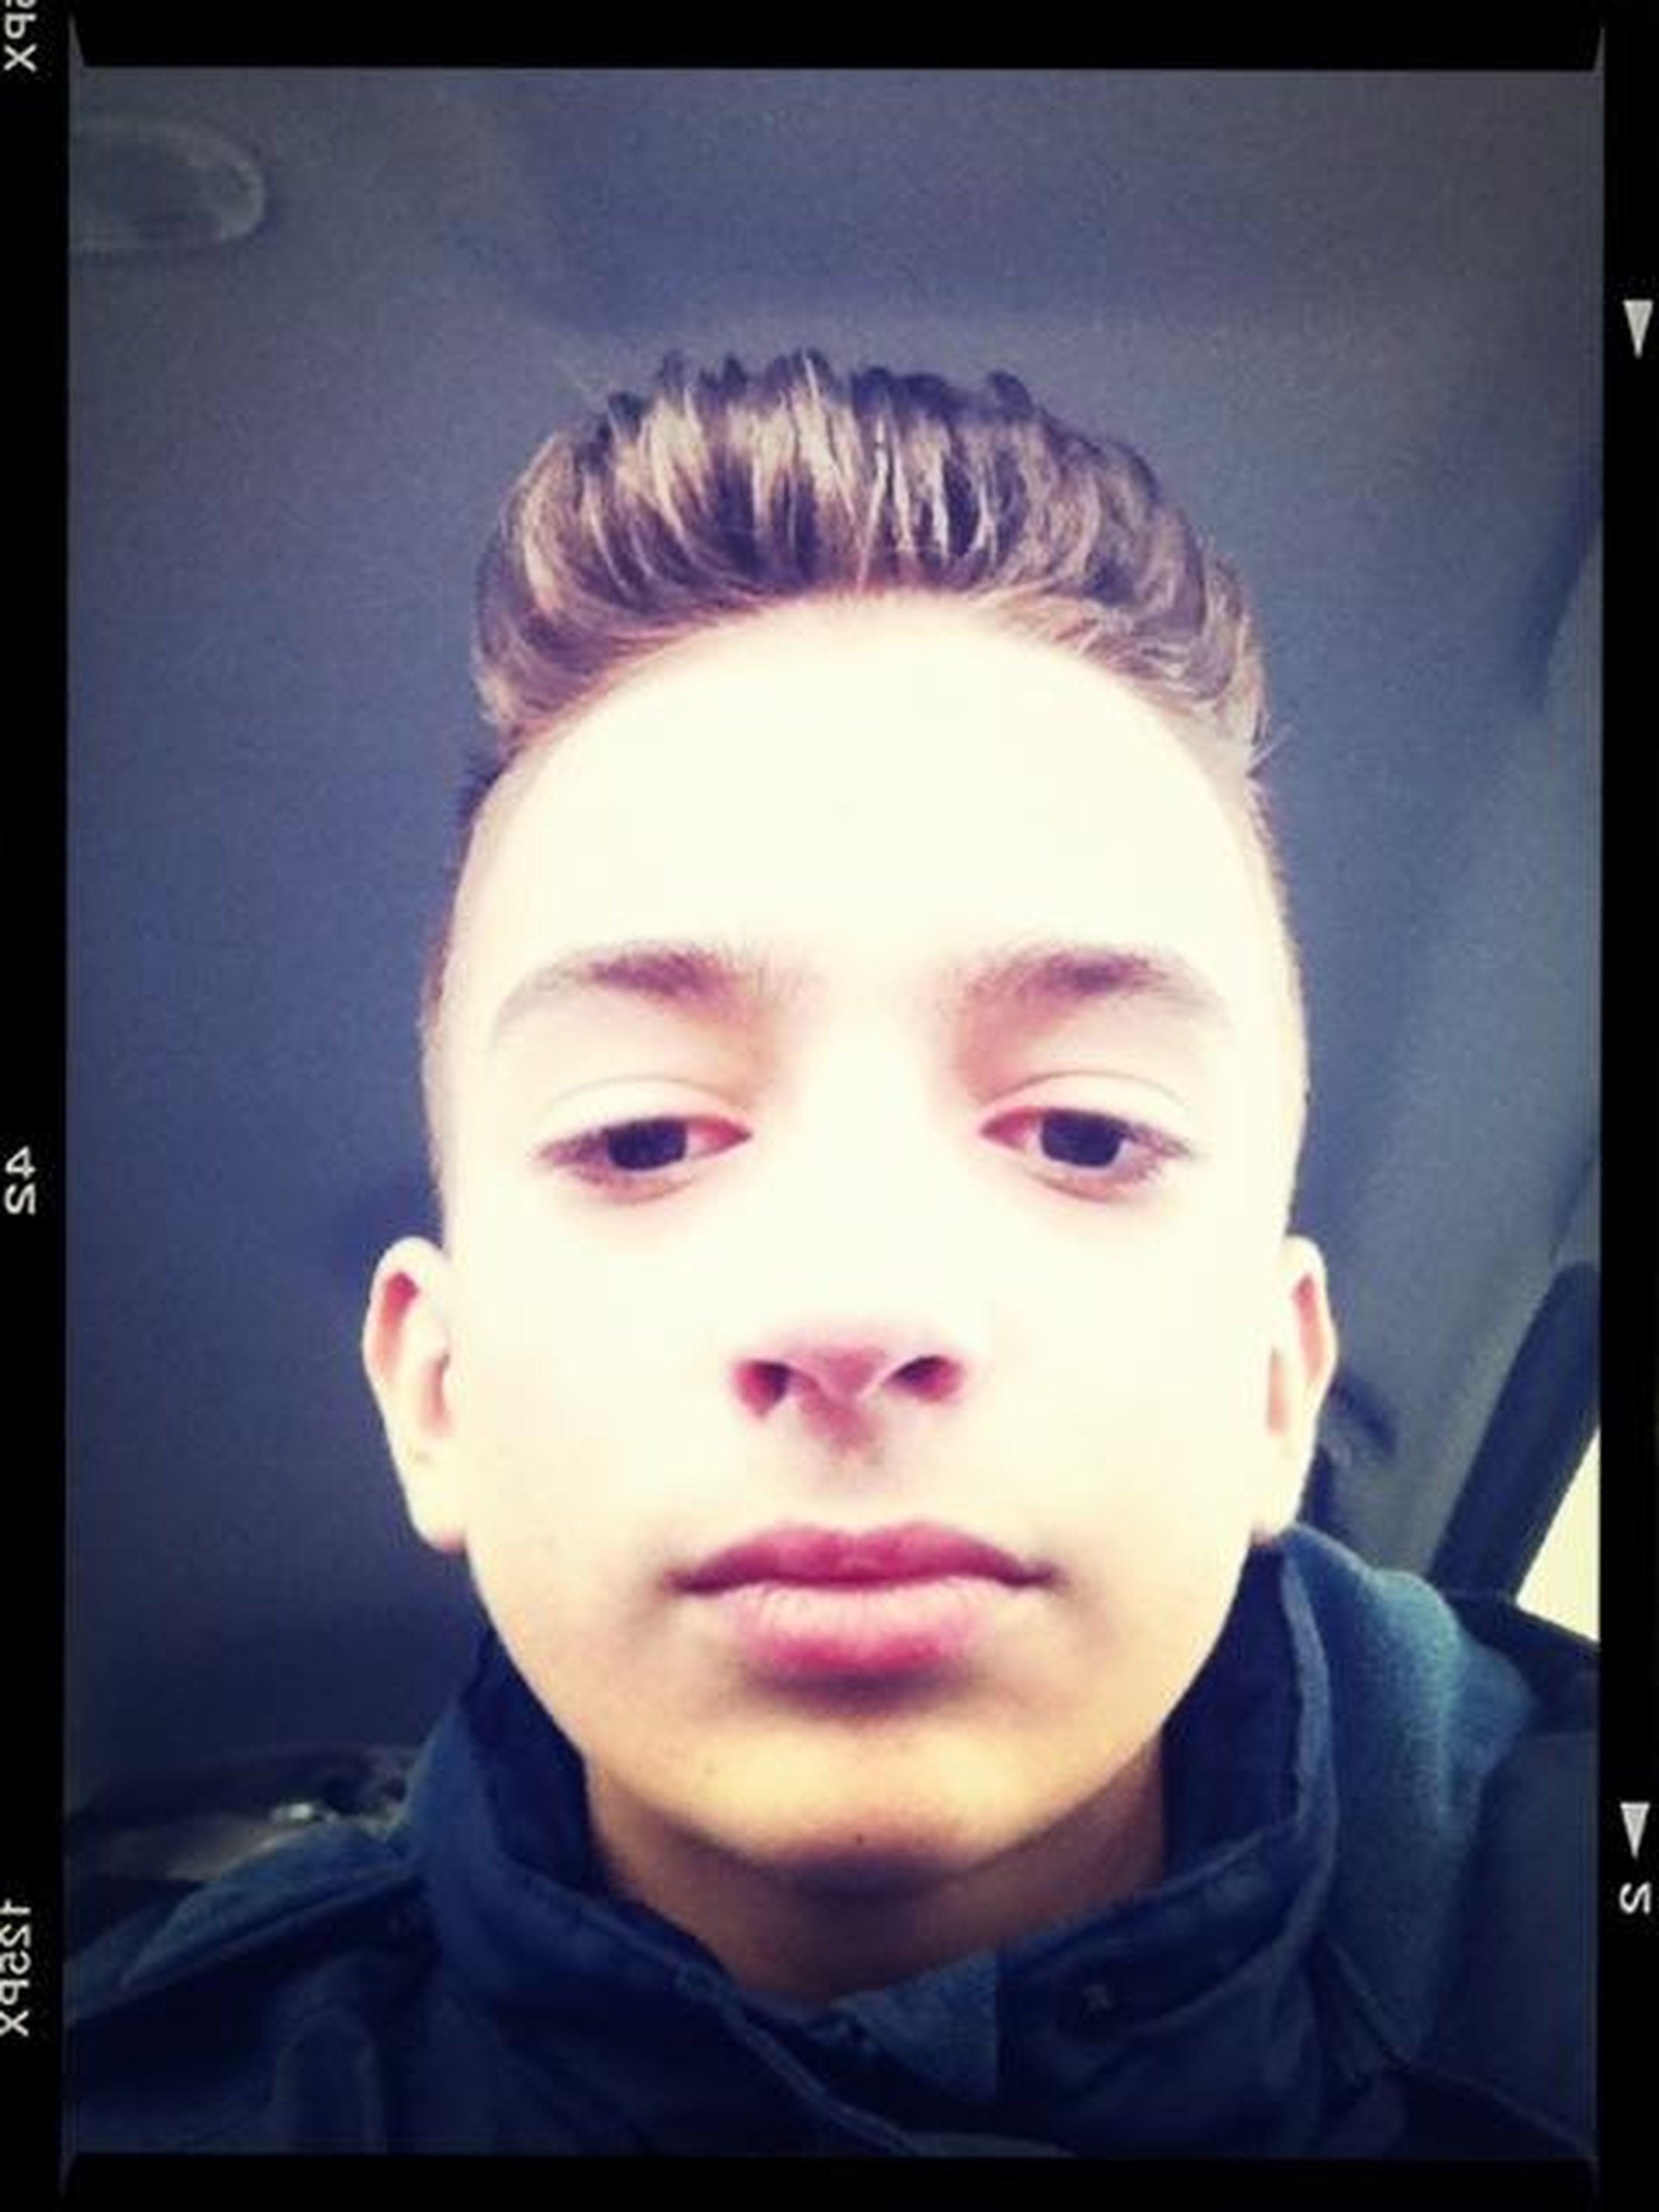 Neue Frisur*-*:D